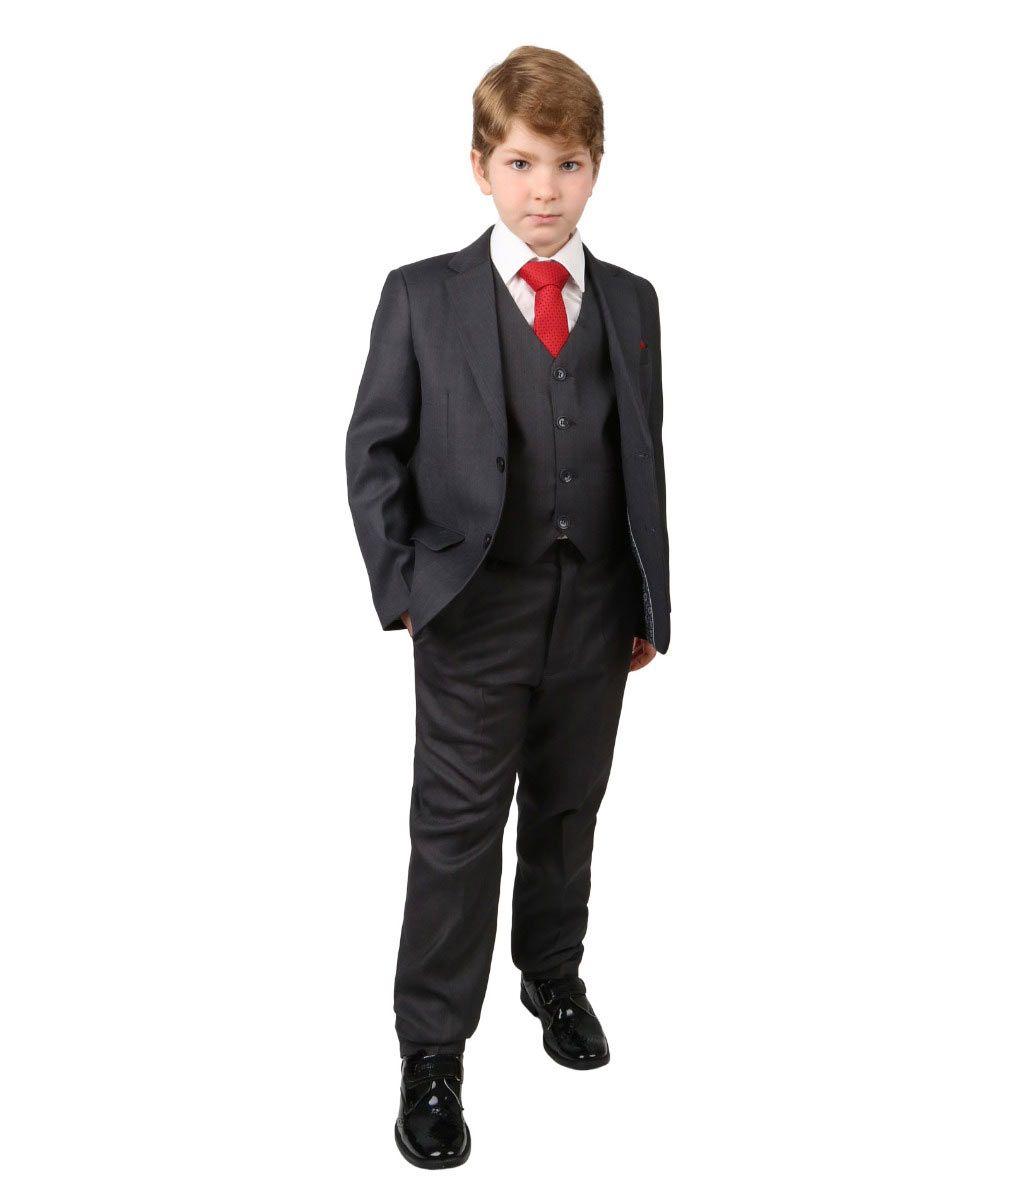 Kleidung kommunion junge 33 Sprüche